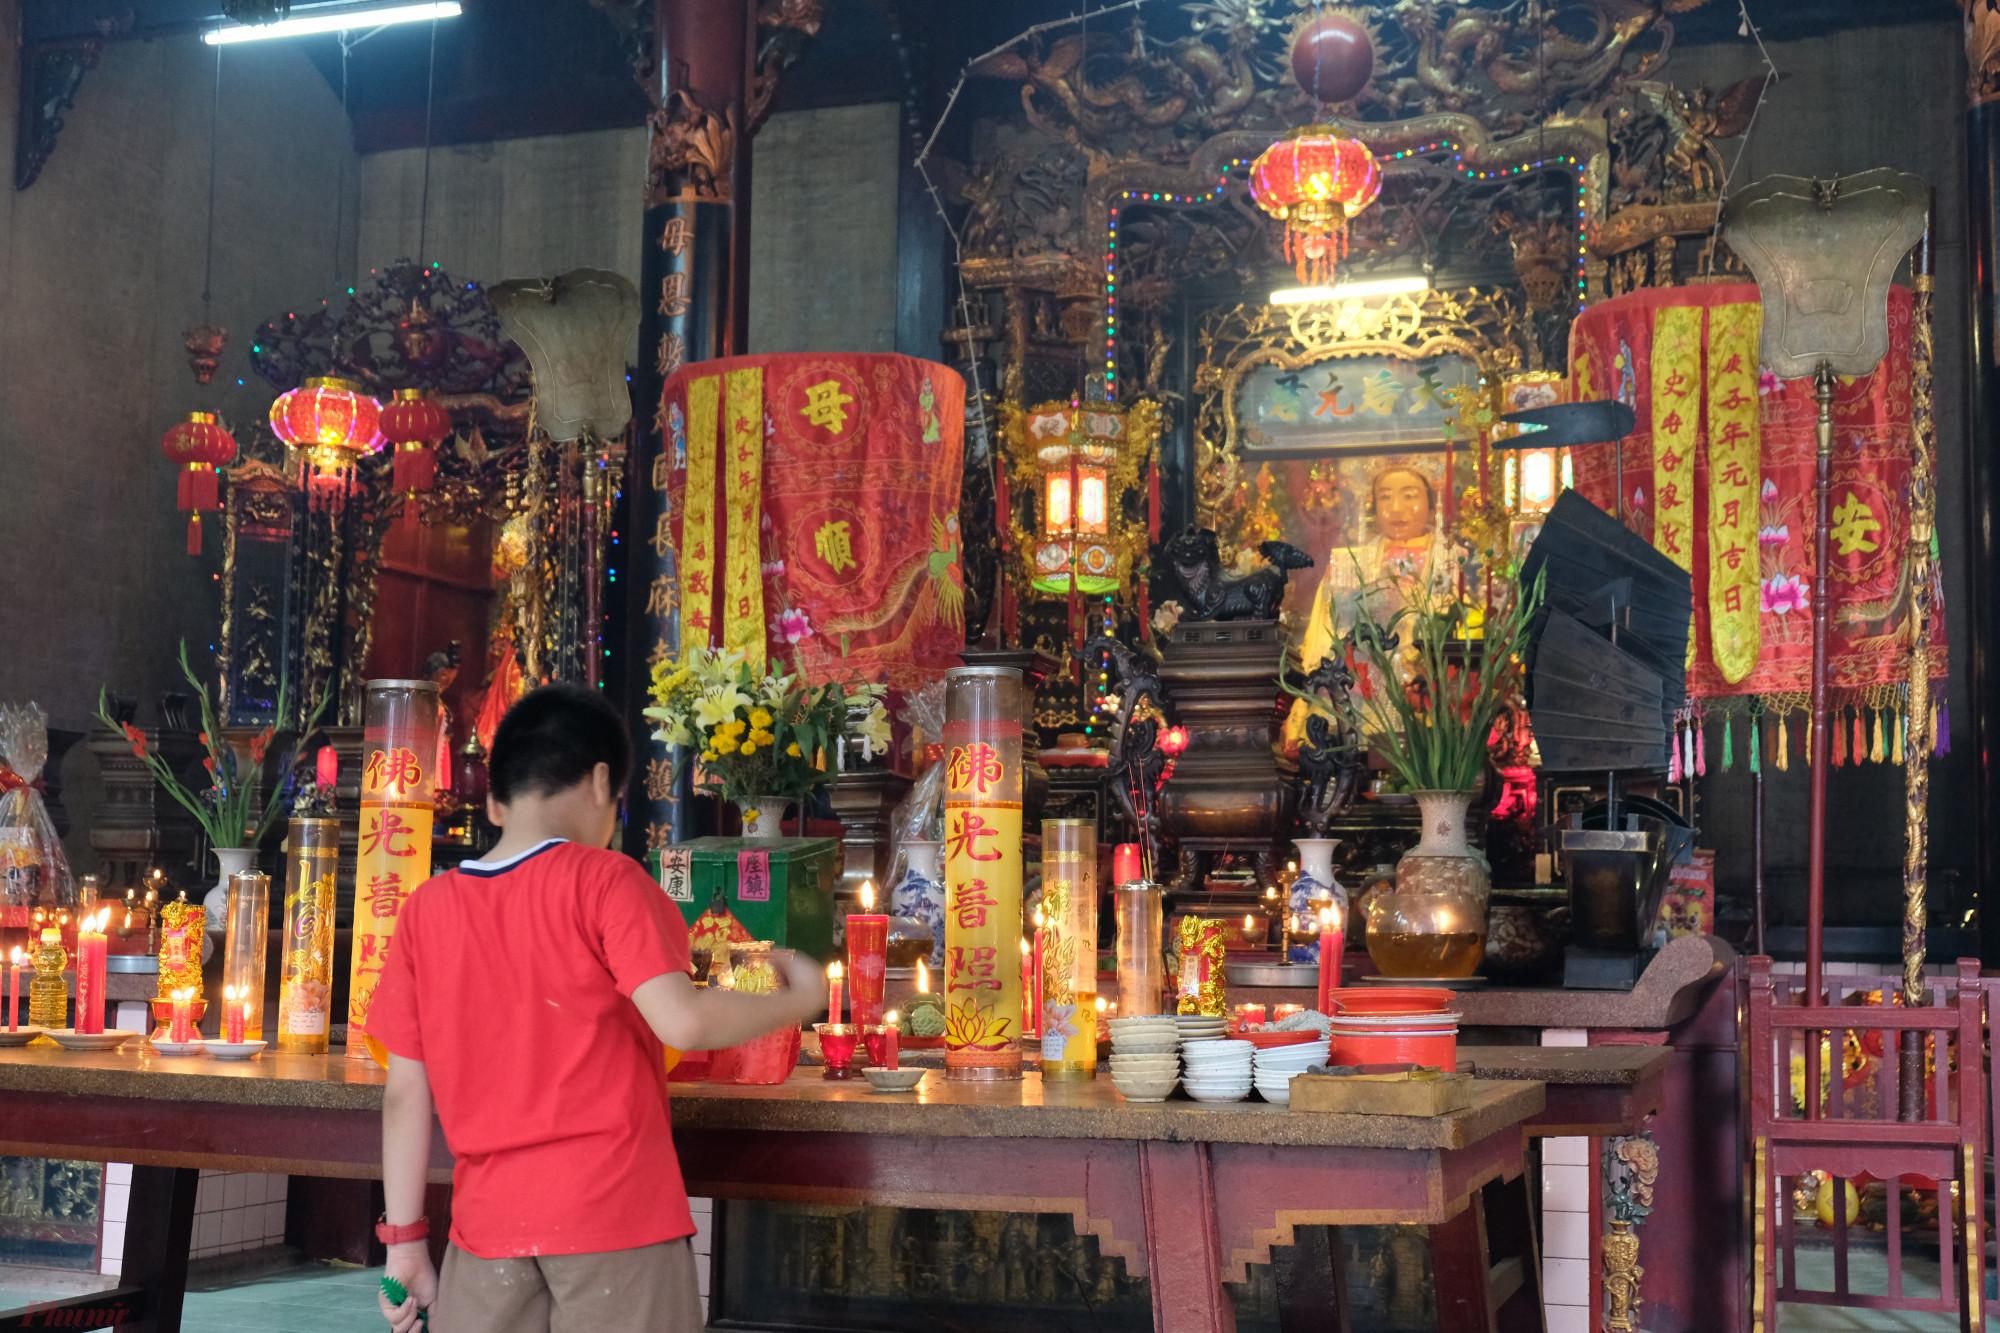 Theo học giả Vương Hồng Sển thì Thiên Hậu Thánh Mẫu (vị thần được thờ chính trong chùa) có tên là Lâm Mặc Nương, sinh ngày 23/3/1044, người đảo Mi Châu, thuộc Bồ Dương (Phước Kiến). Tương truyền, bà là một người có năng lực thần thánh cứu giúp dân, dạy dân dùng rau rong biển cứu đói, cầu mưa, treo chiếu làm buồm, giải trừ thủy tai – quái phong… Năm Canh Dần (1110), nhà Tống sắc phong cho bà là